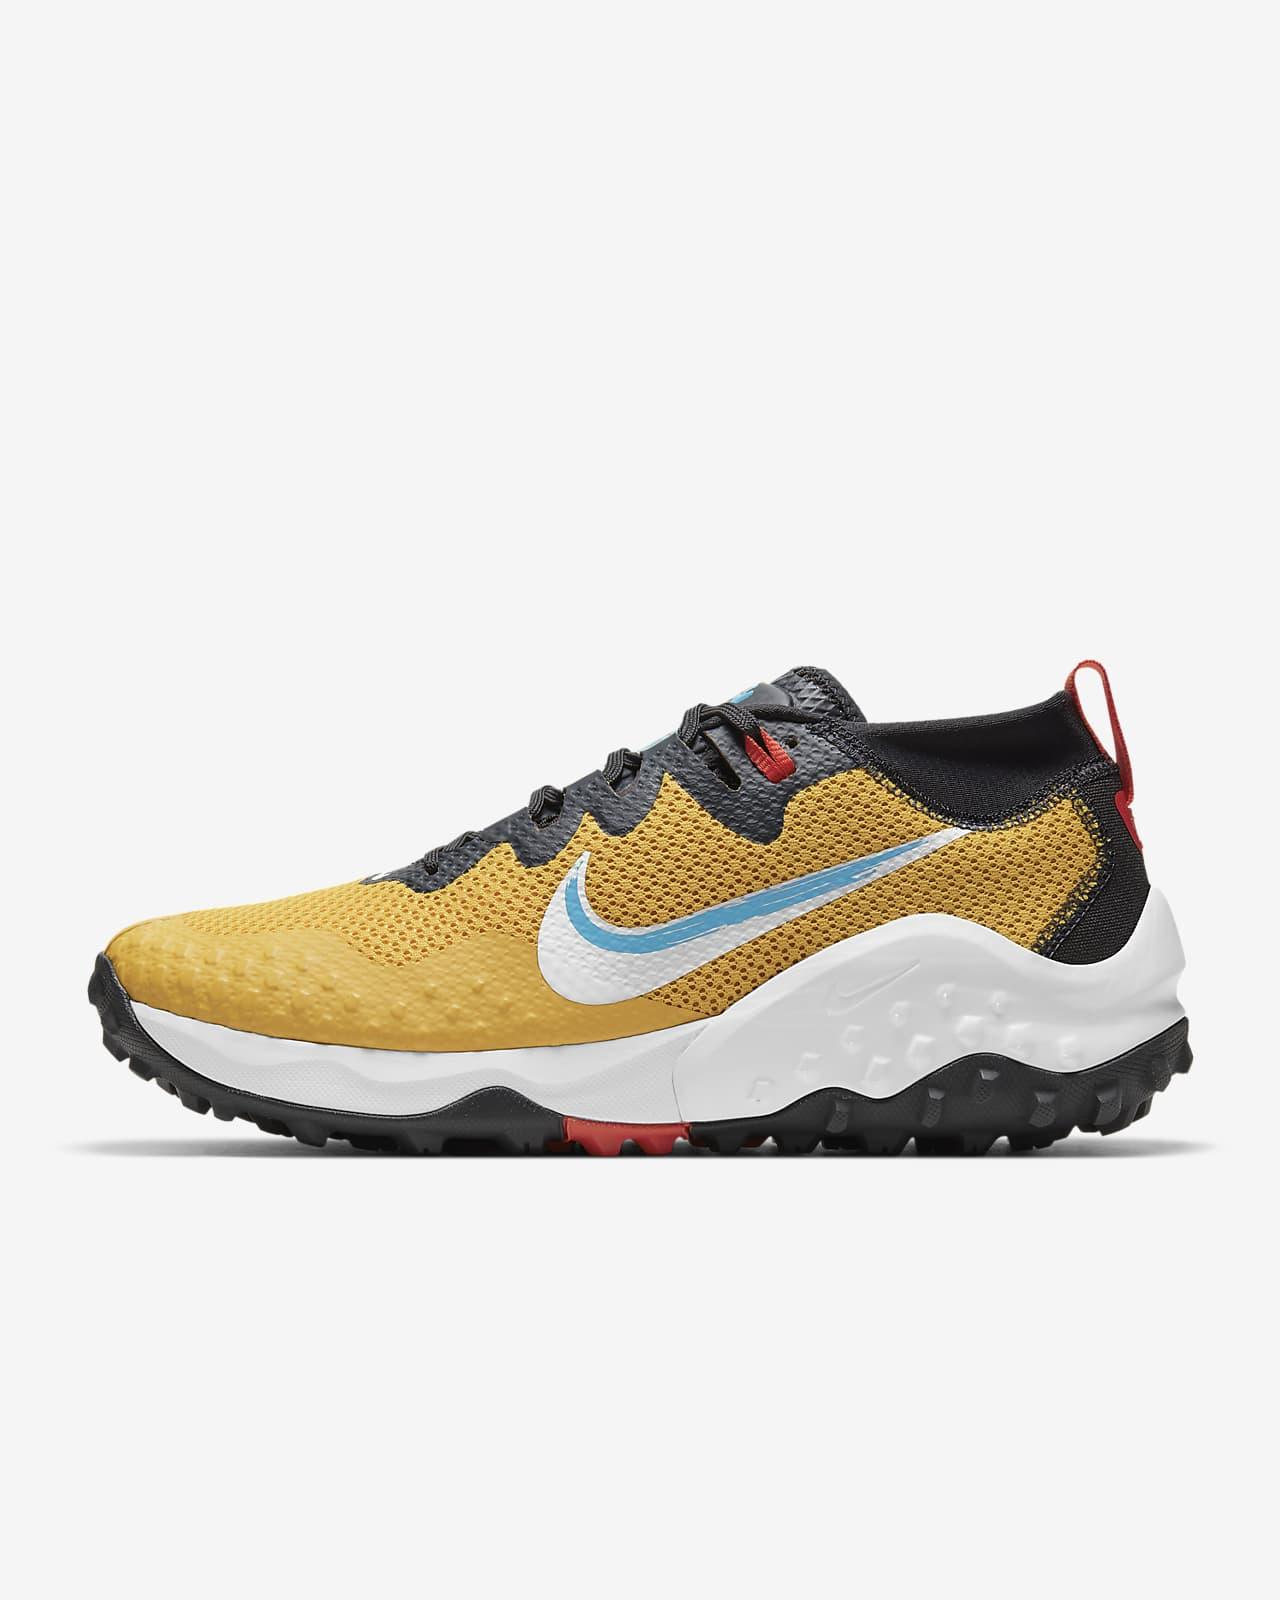 Ανδρικά παπούτσια για τρέξιμο σε ανώμαλο δρόμο Nike Wildhorse 7